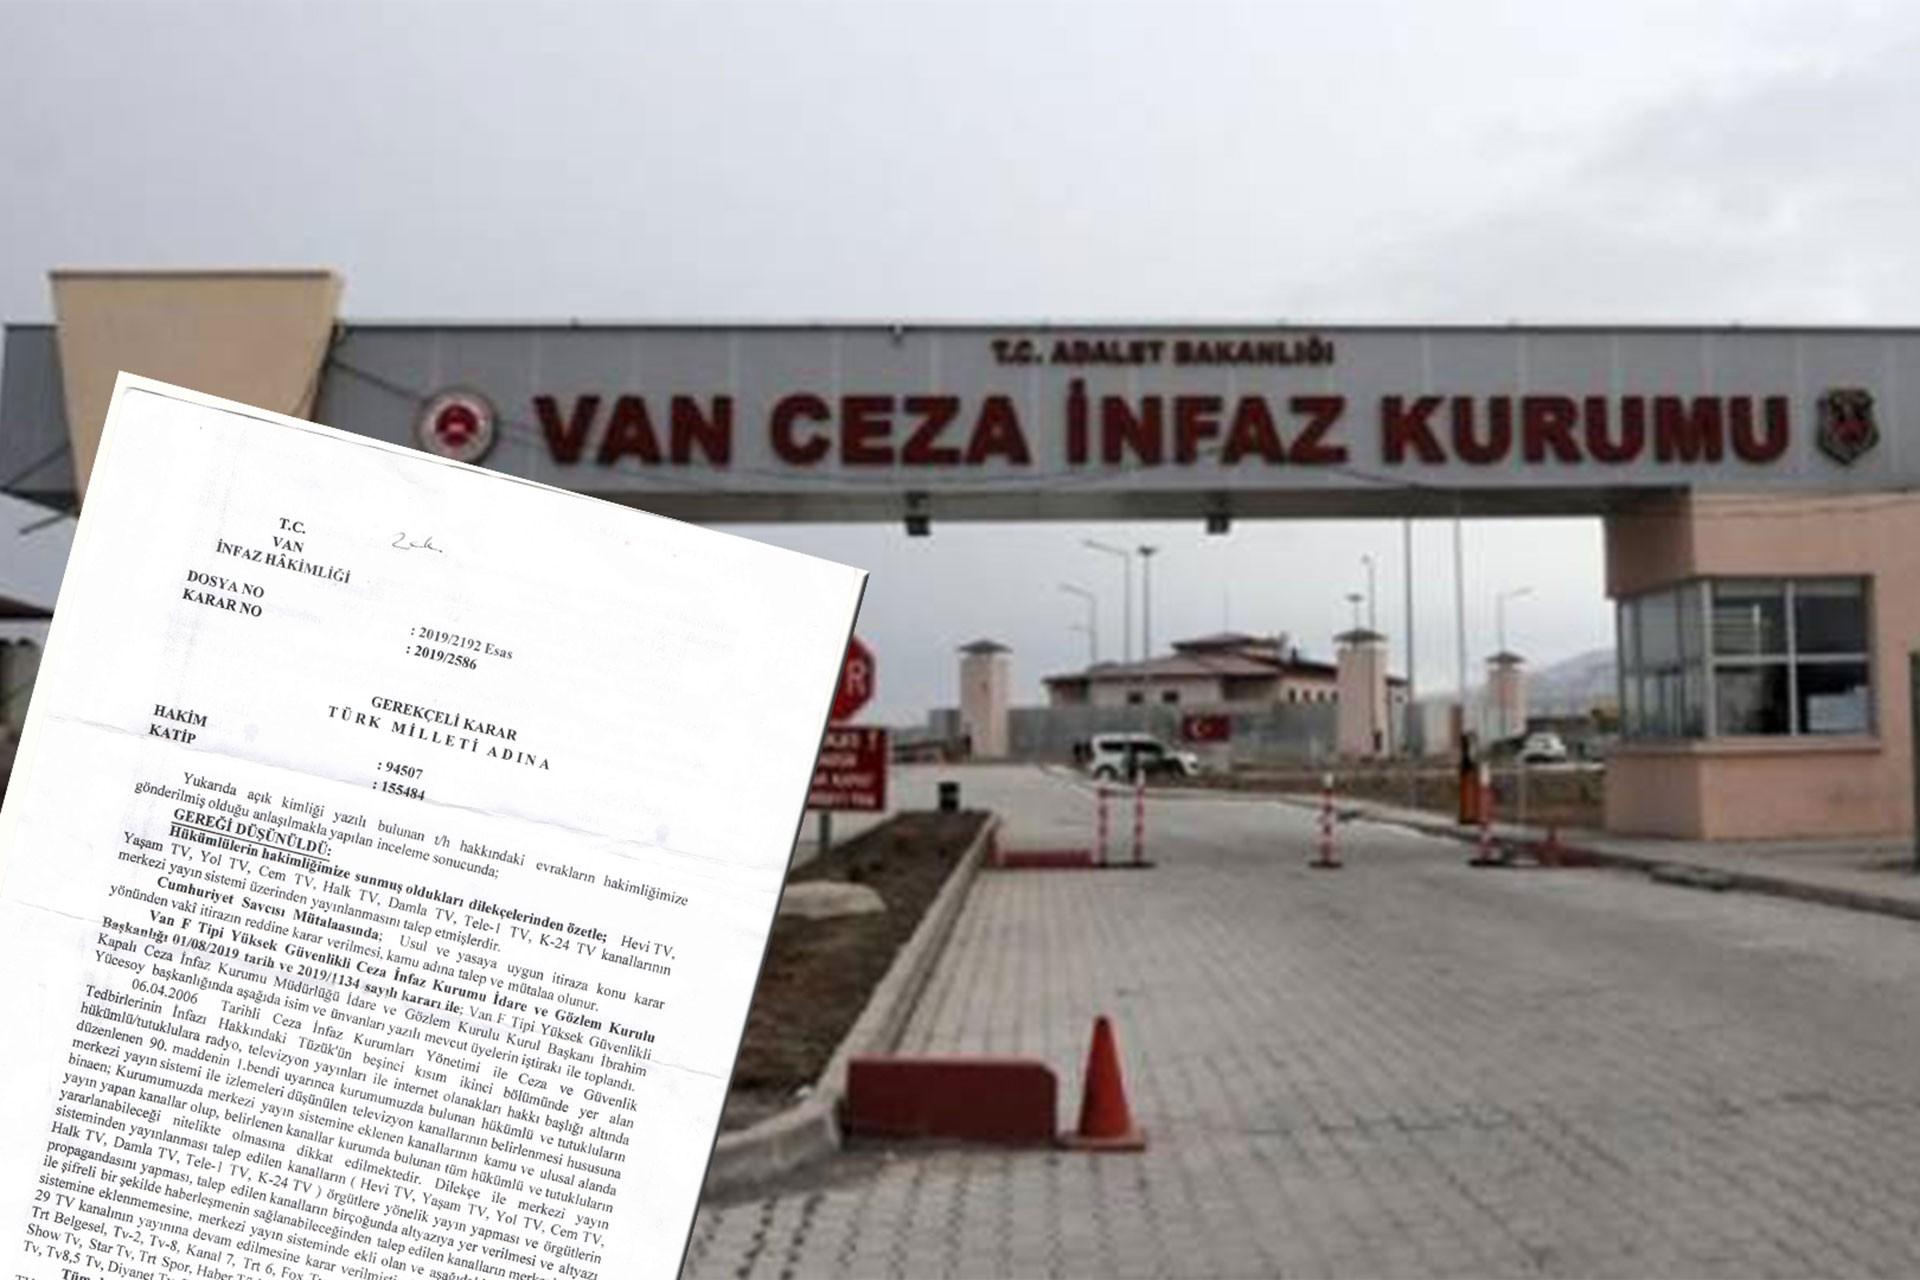 Cezaevinde 8 TV kanalına yasak: Altyazıyla şifreli haberleşiyorlar